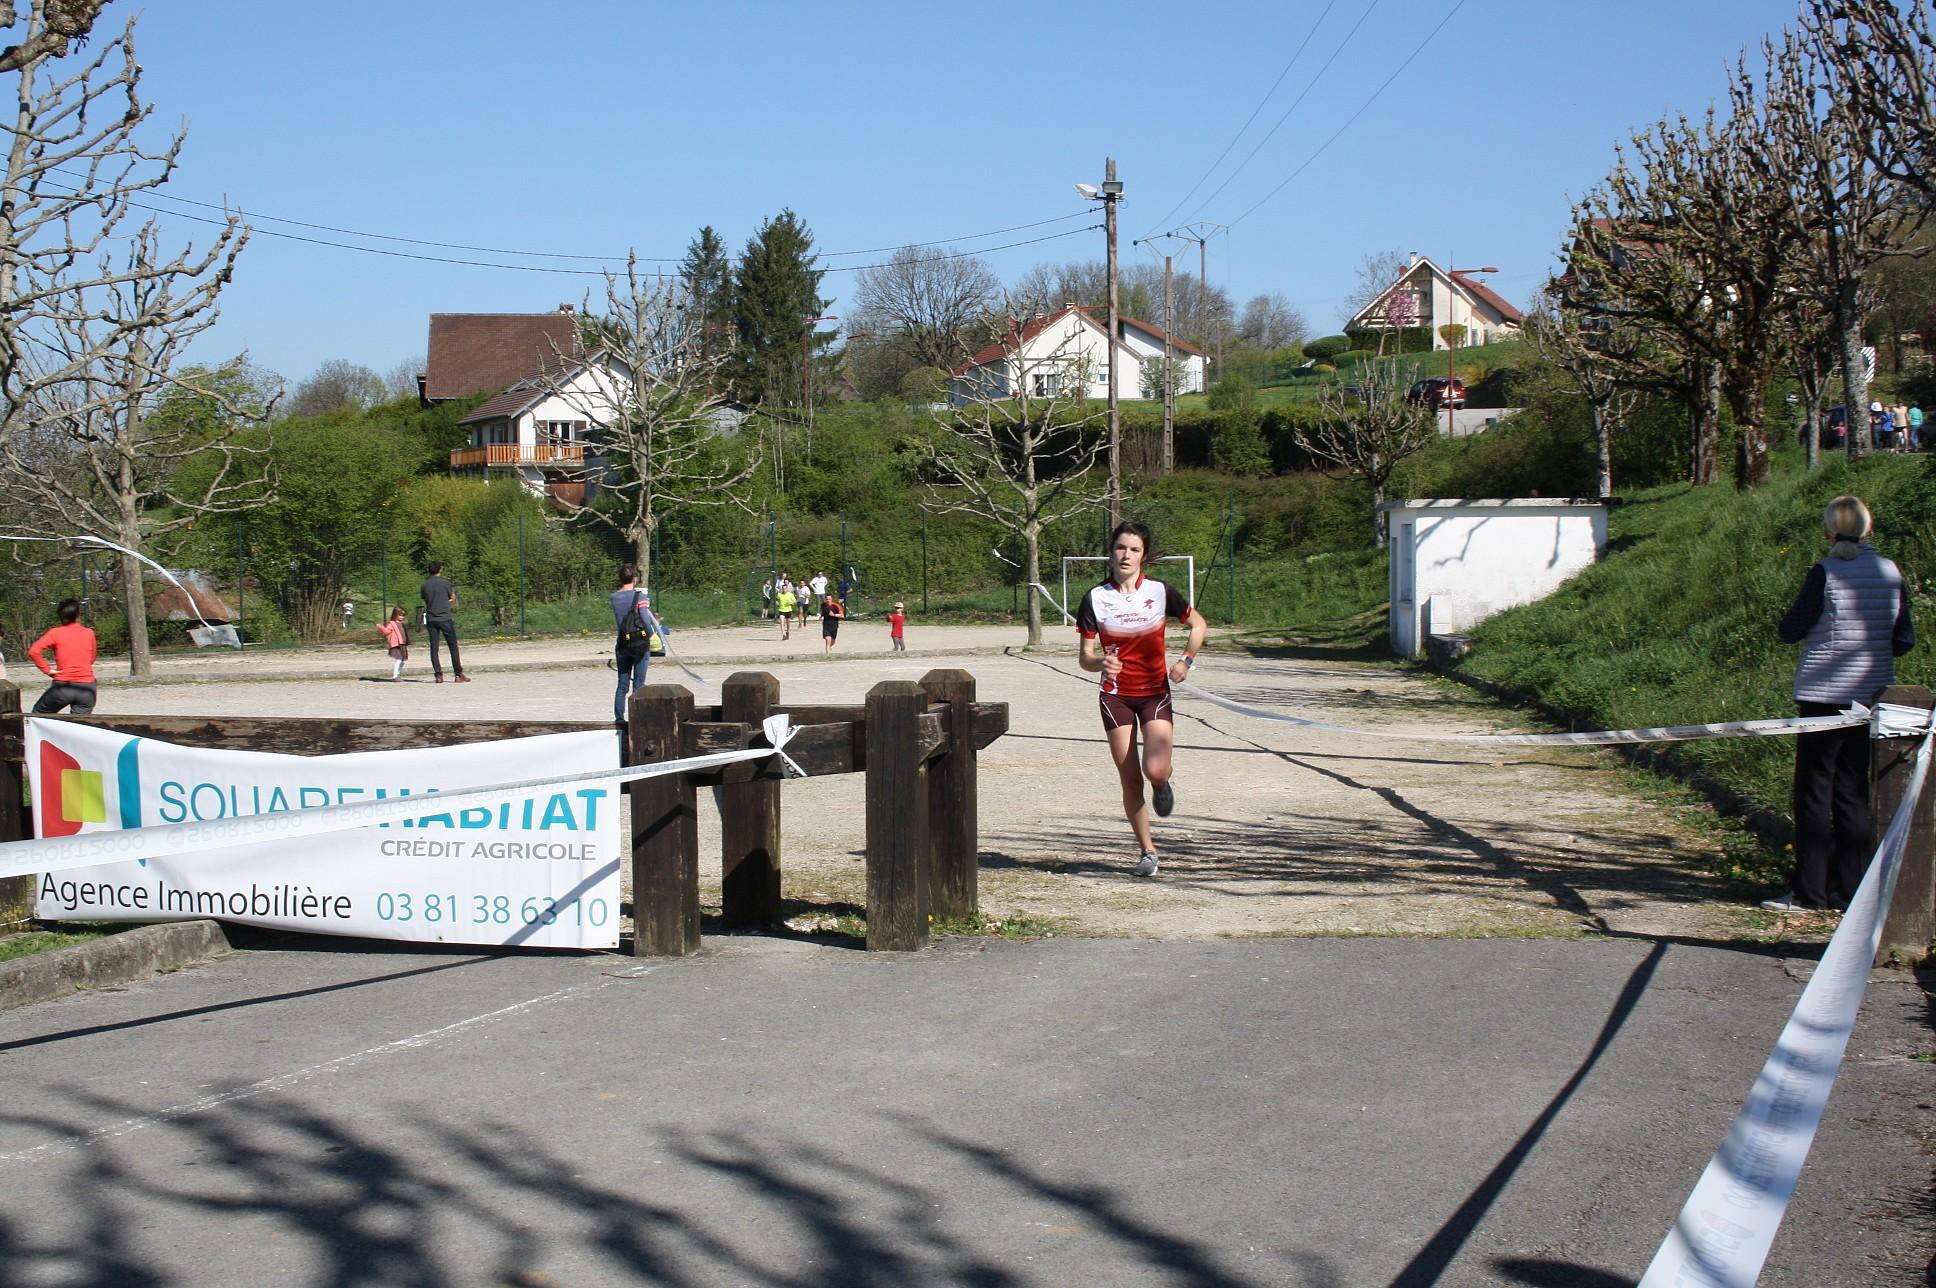 2017-04-09 - Trail-Montfaucon-Juliette (193)